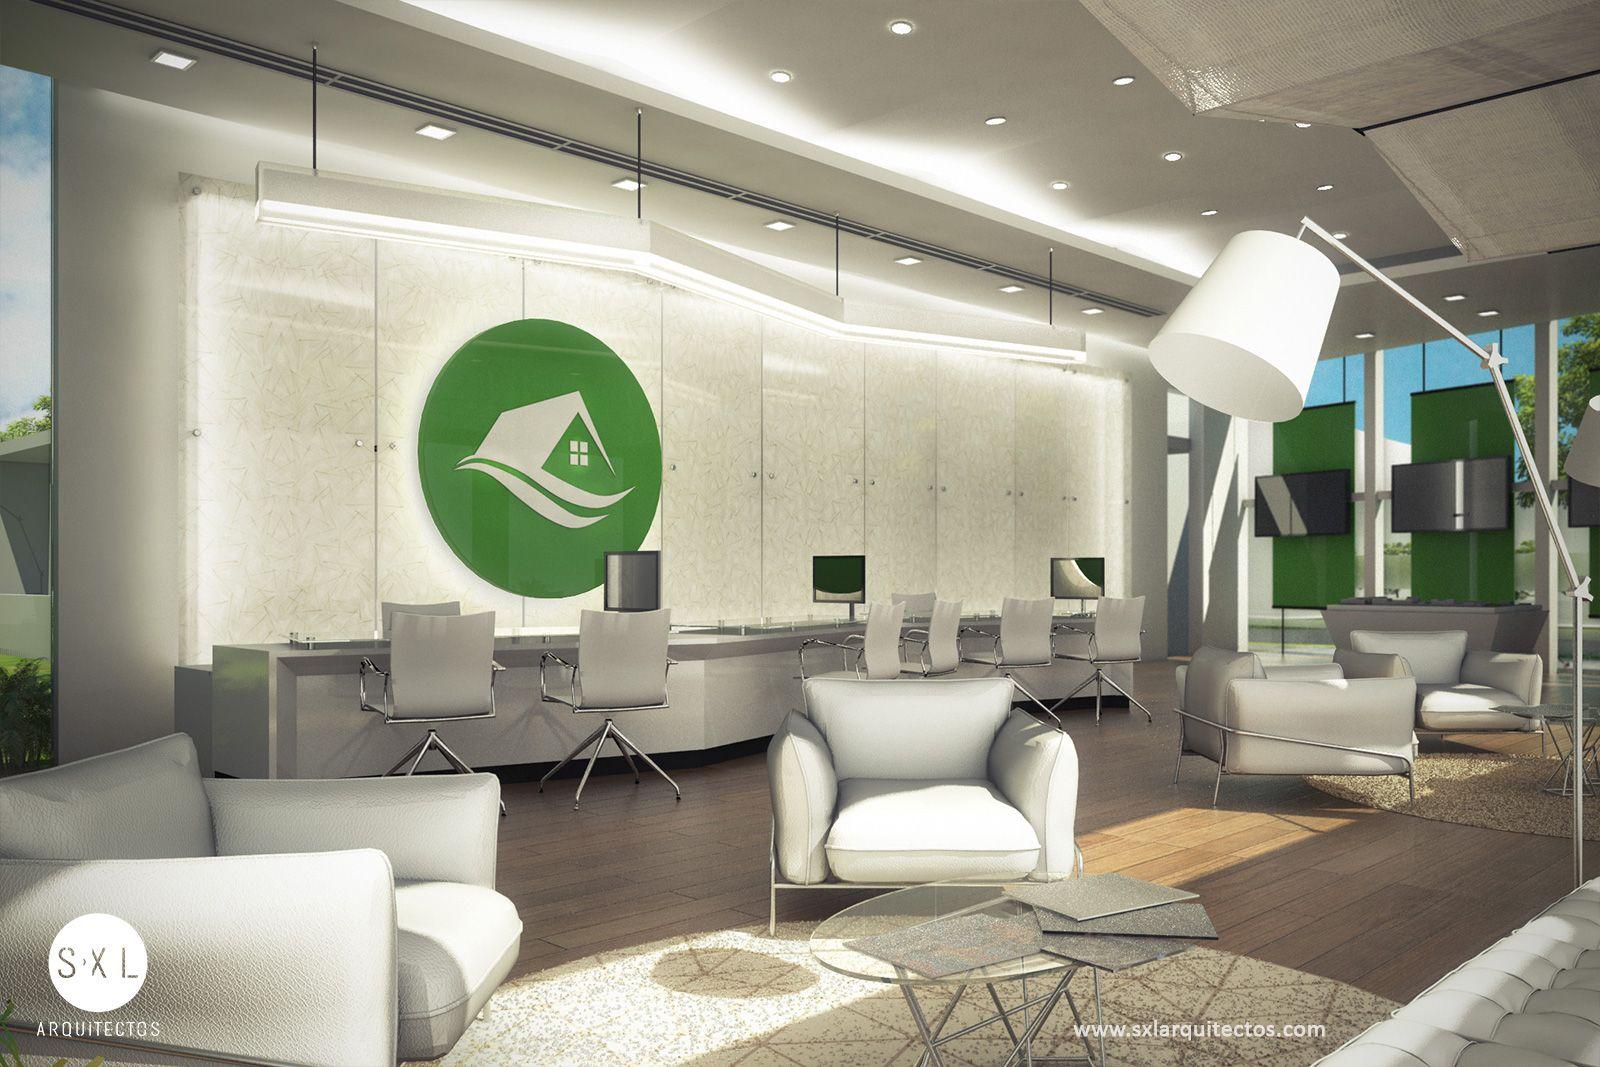 Dise o interior sala de ventas espacio de atenci n al for Diseno de espacios interiores